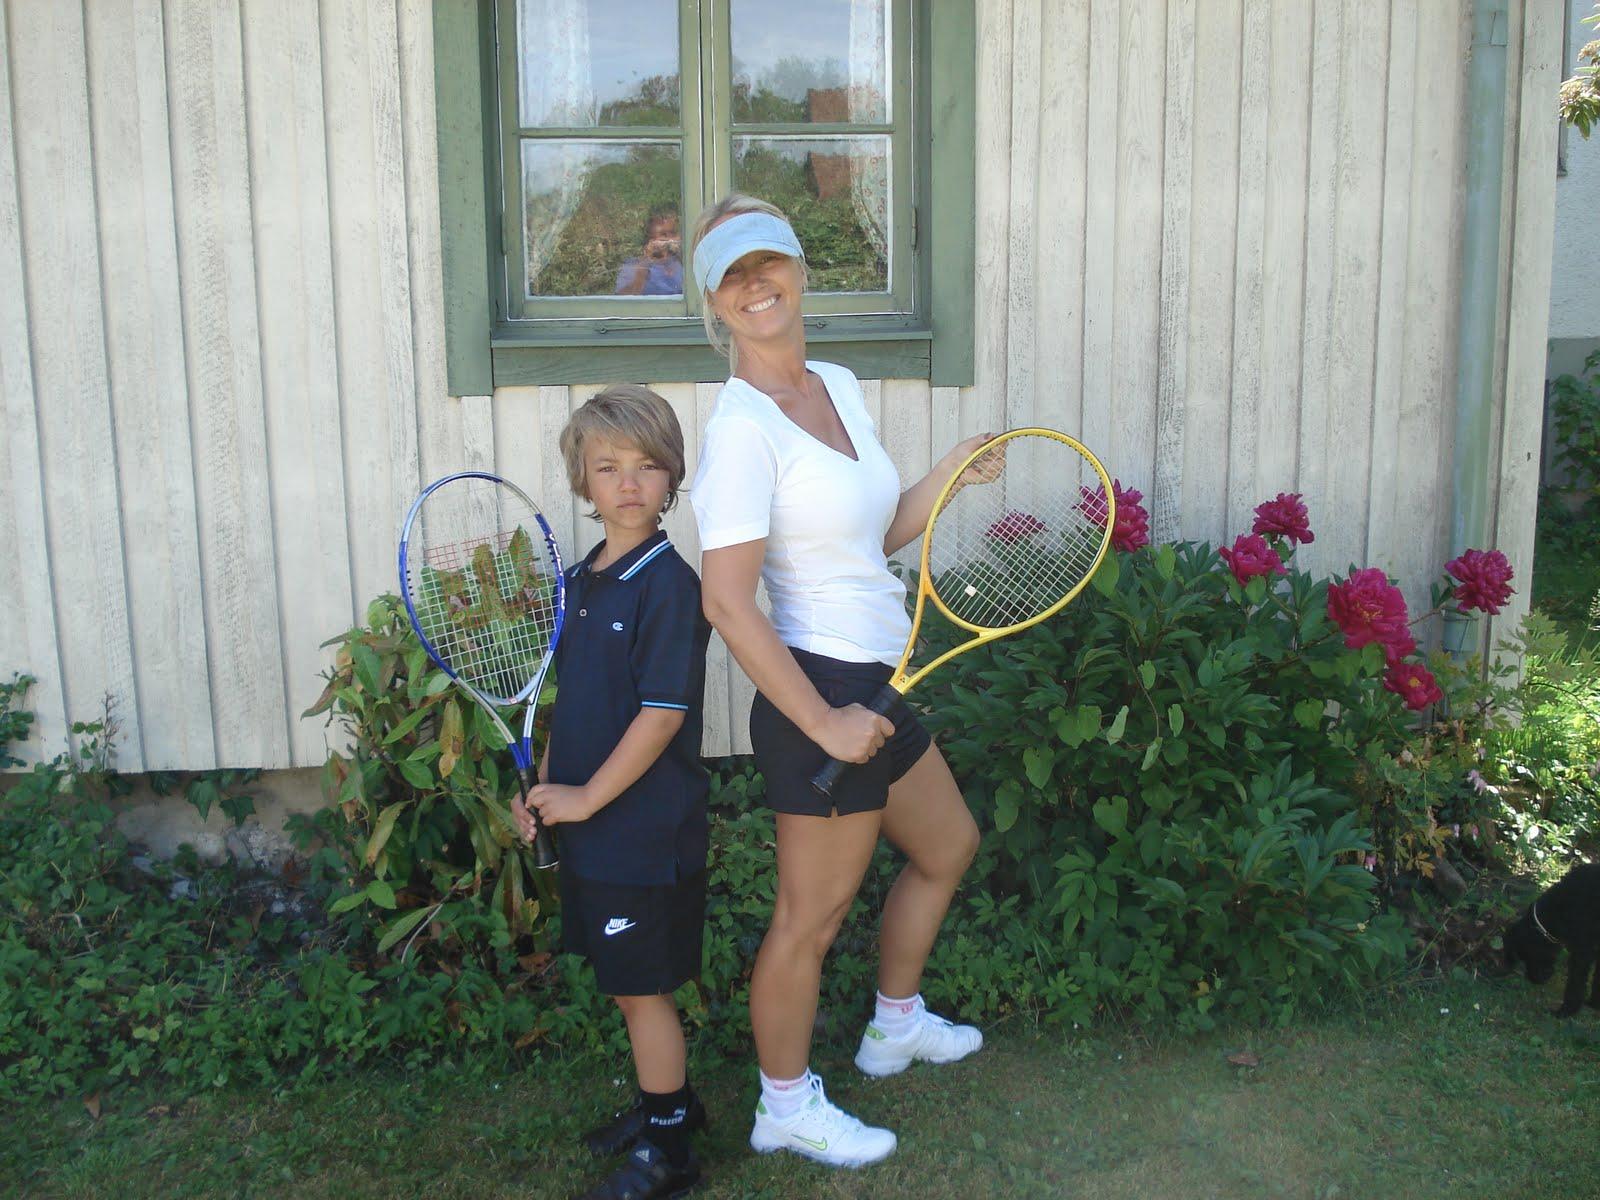 nybörjare i tennis  eaaecbcf8eda3